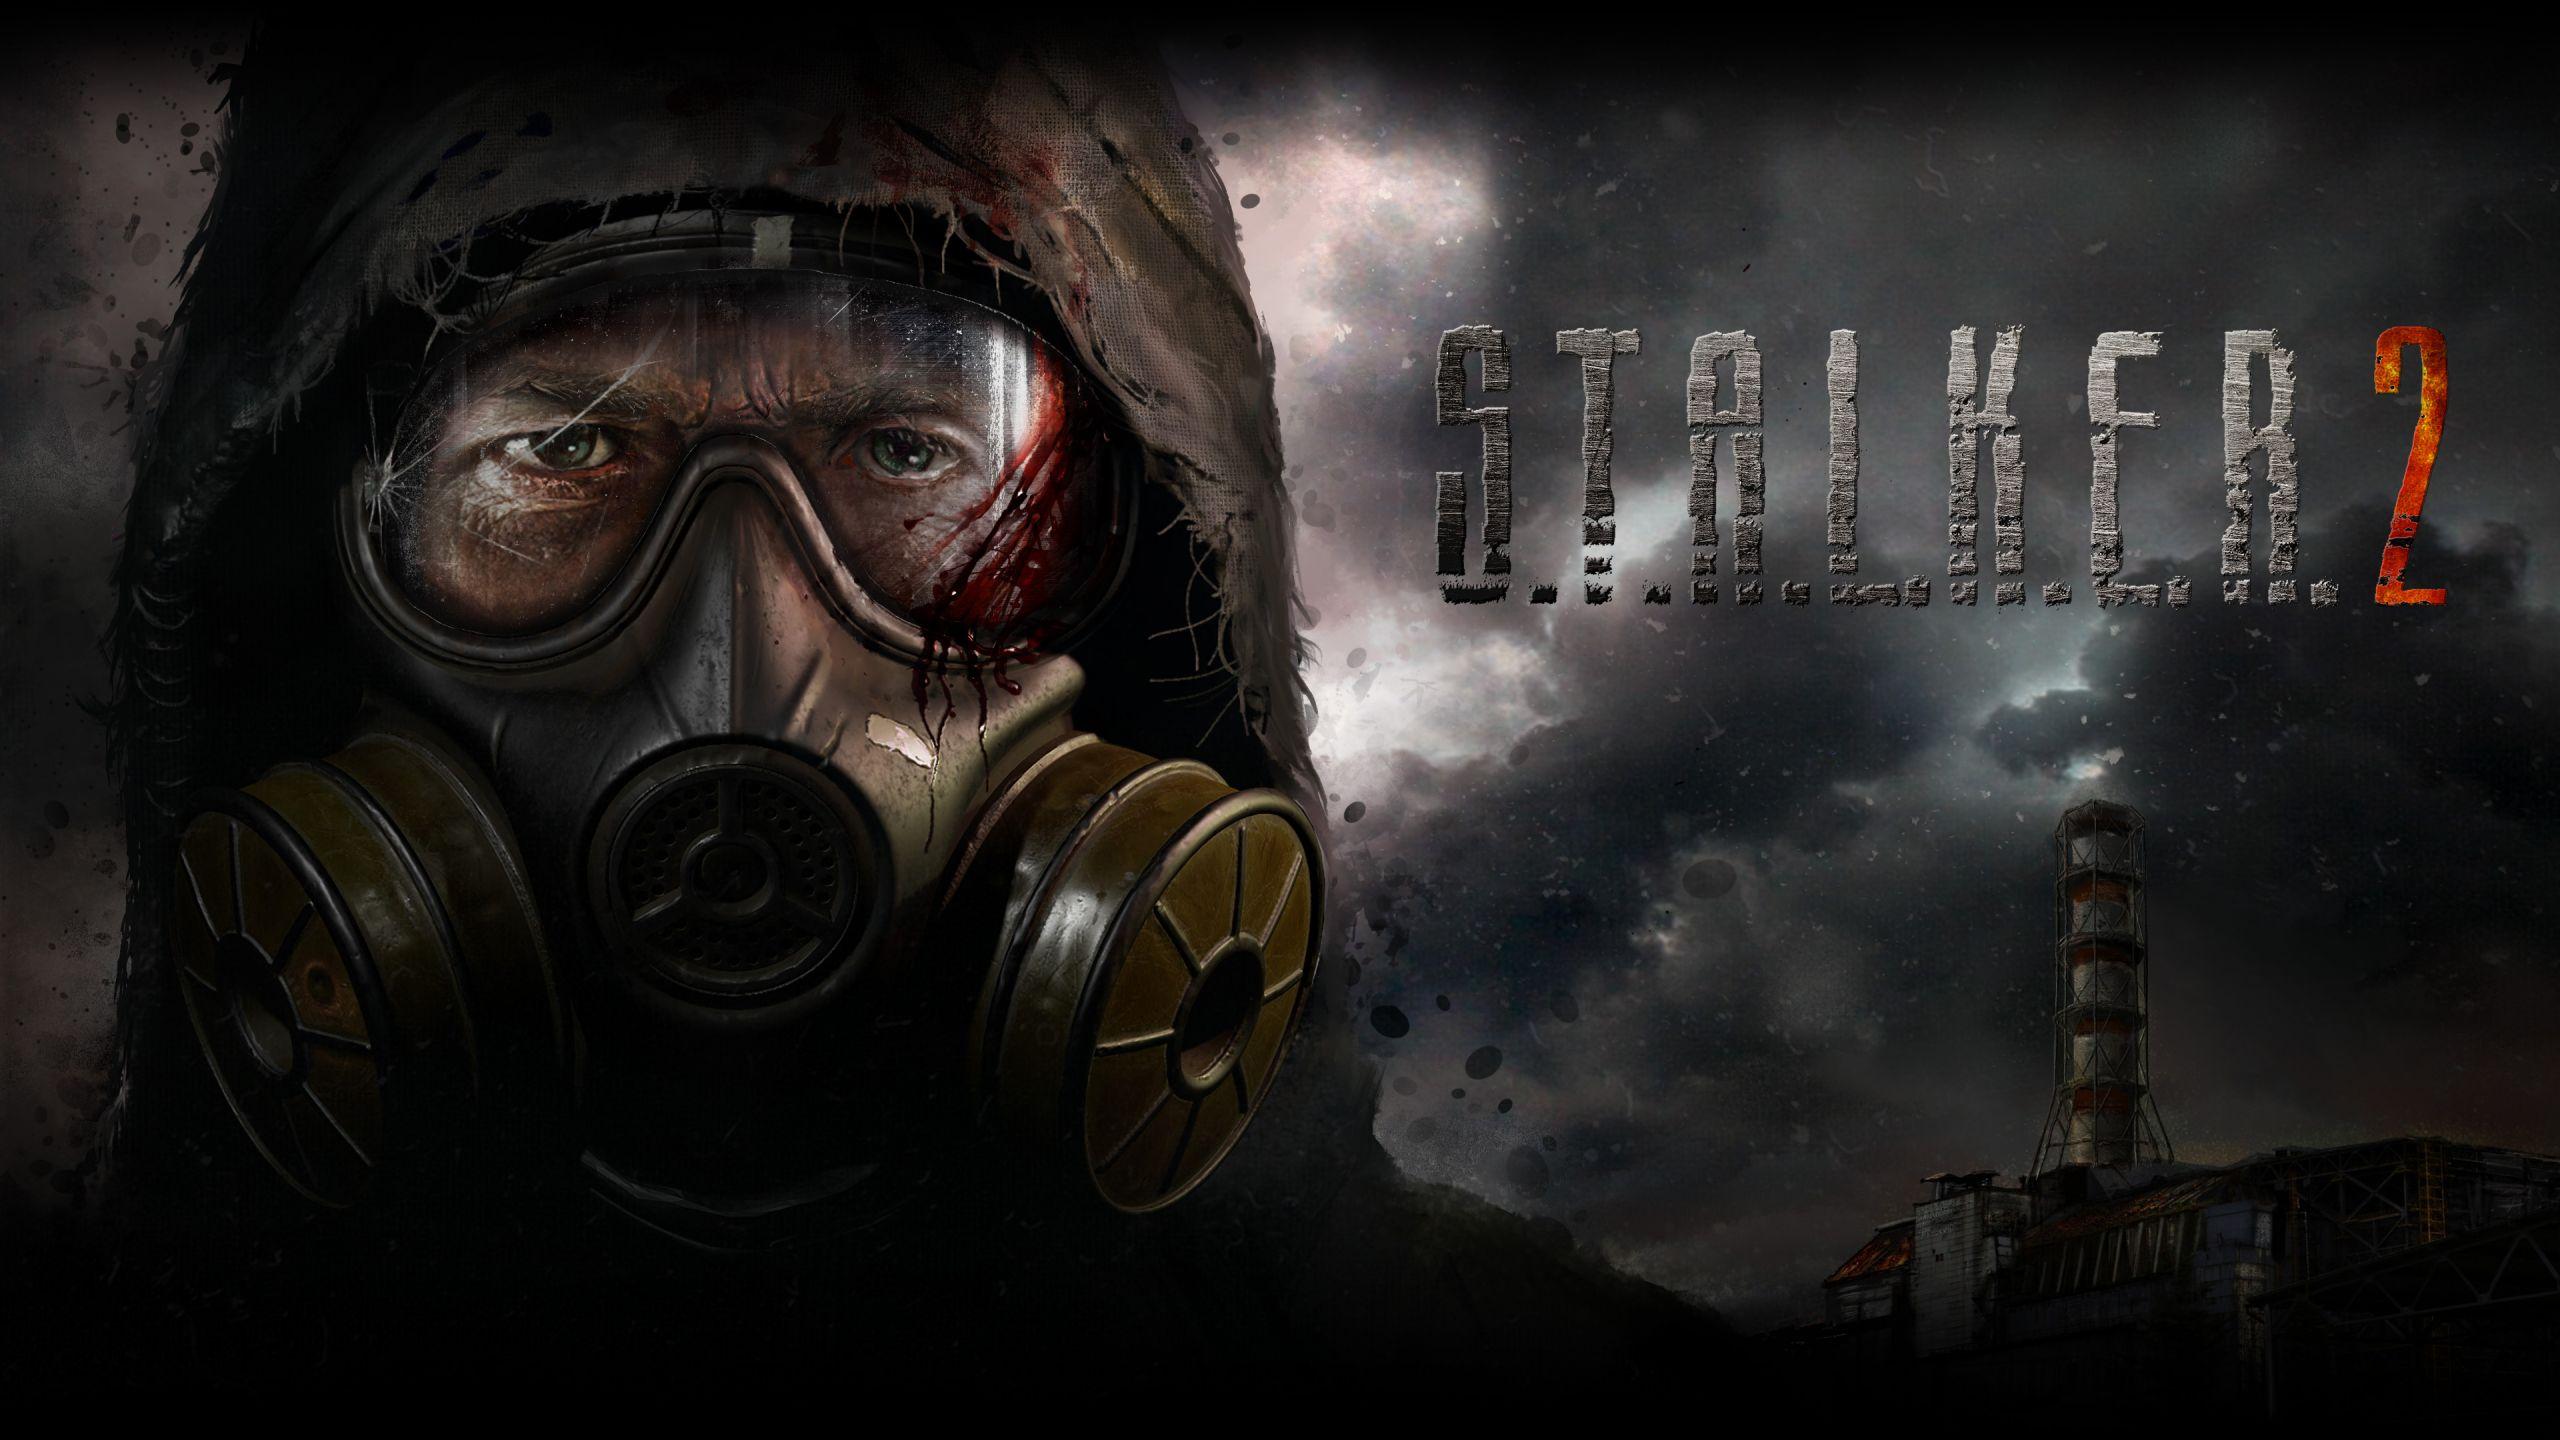 S.T.A.L.K.E.R. 2 не выйдет на PS4 и Xbox One. Всему виной слишком высокие требования к железу